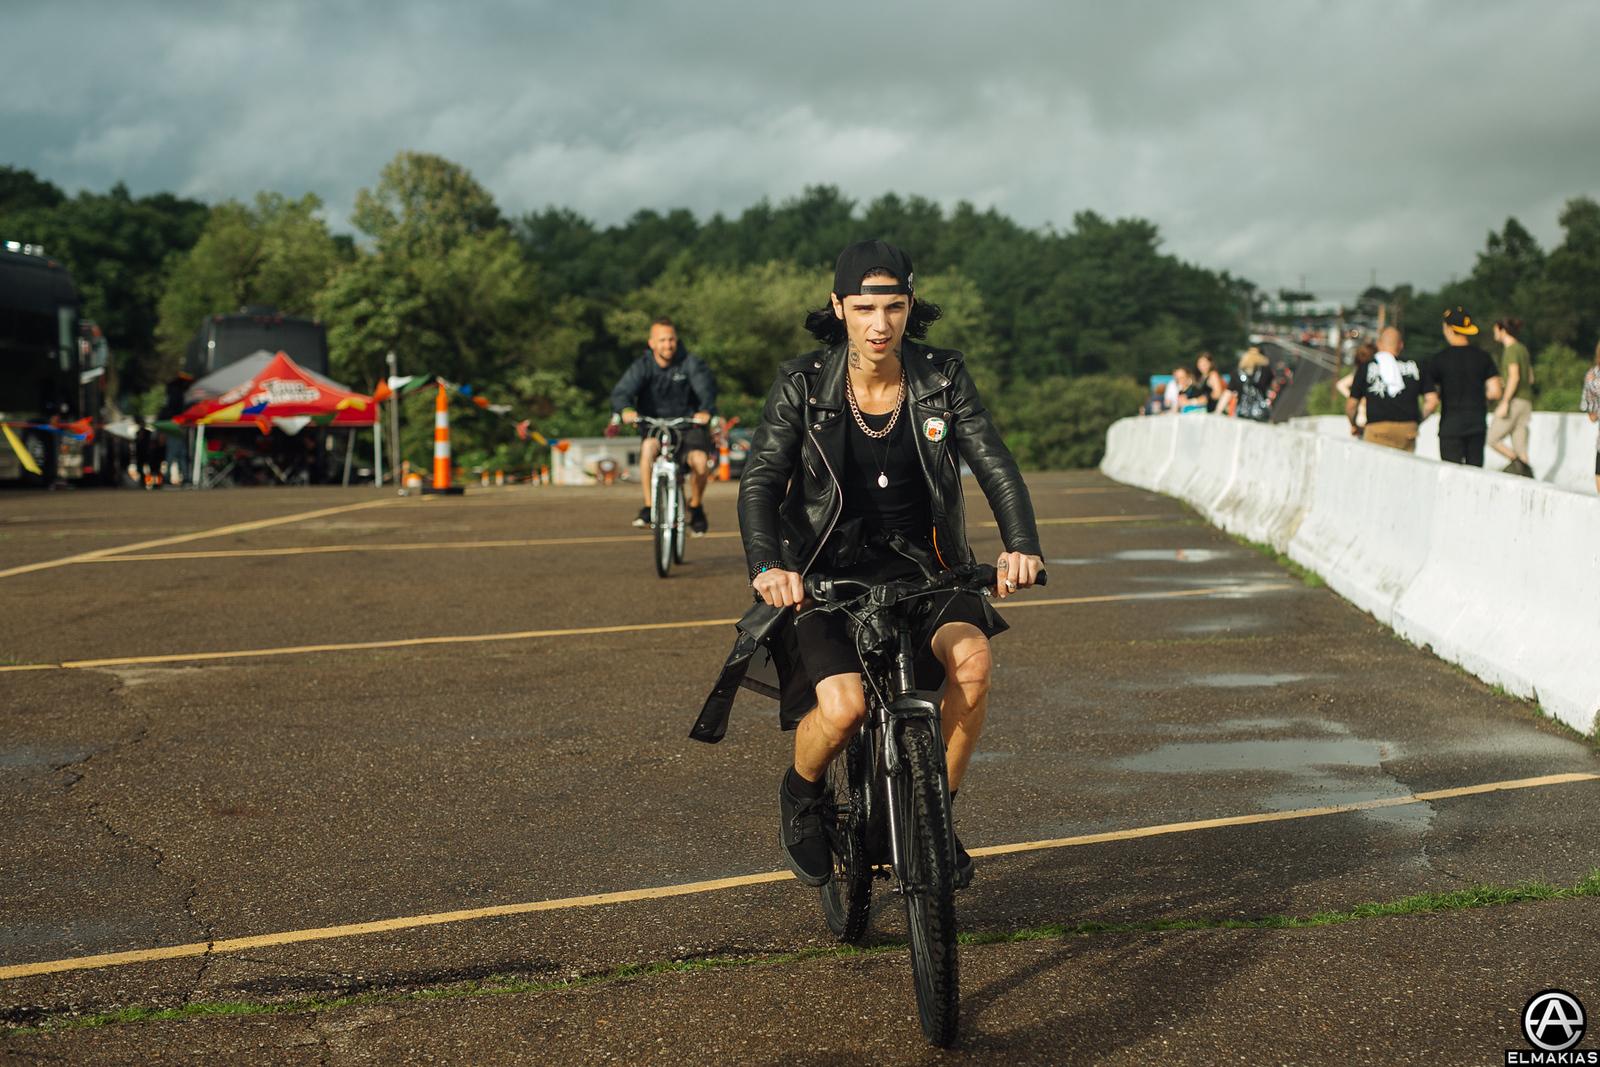 Andy Biersack on a bike by Adam Elmakias